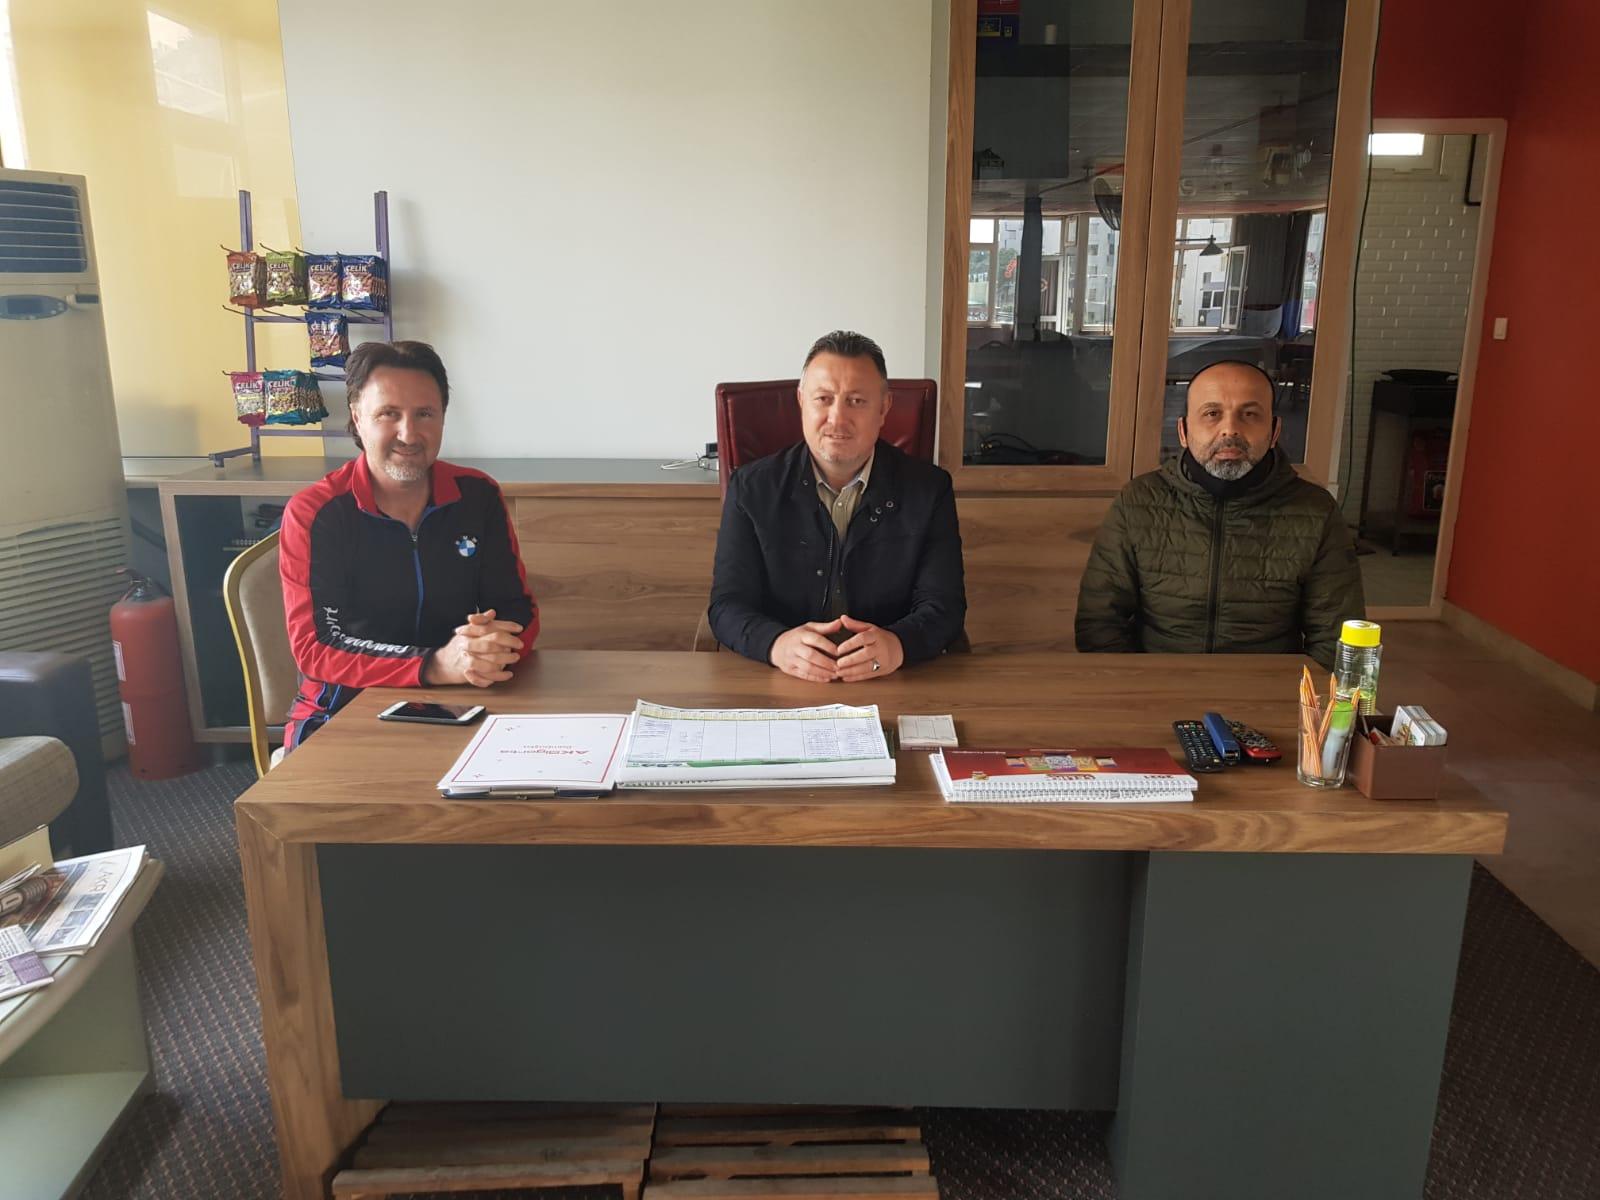 Alanya'da ki Halı Saha İşletmecileri işletmelerinin açılması için Cumhurbaşkanı Recep Tayyip Erdoğan'dan yardım istedi